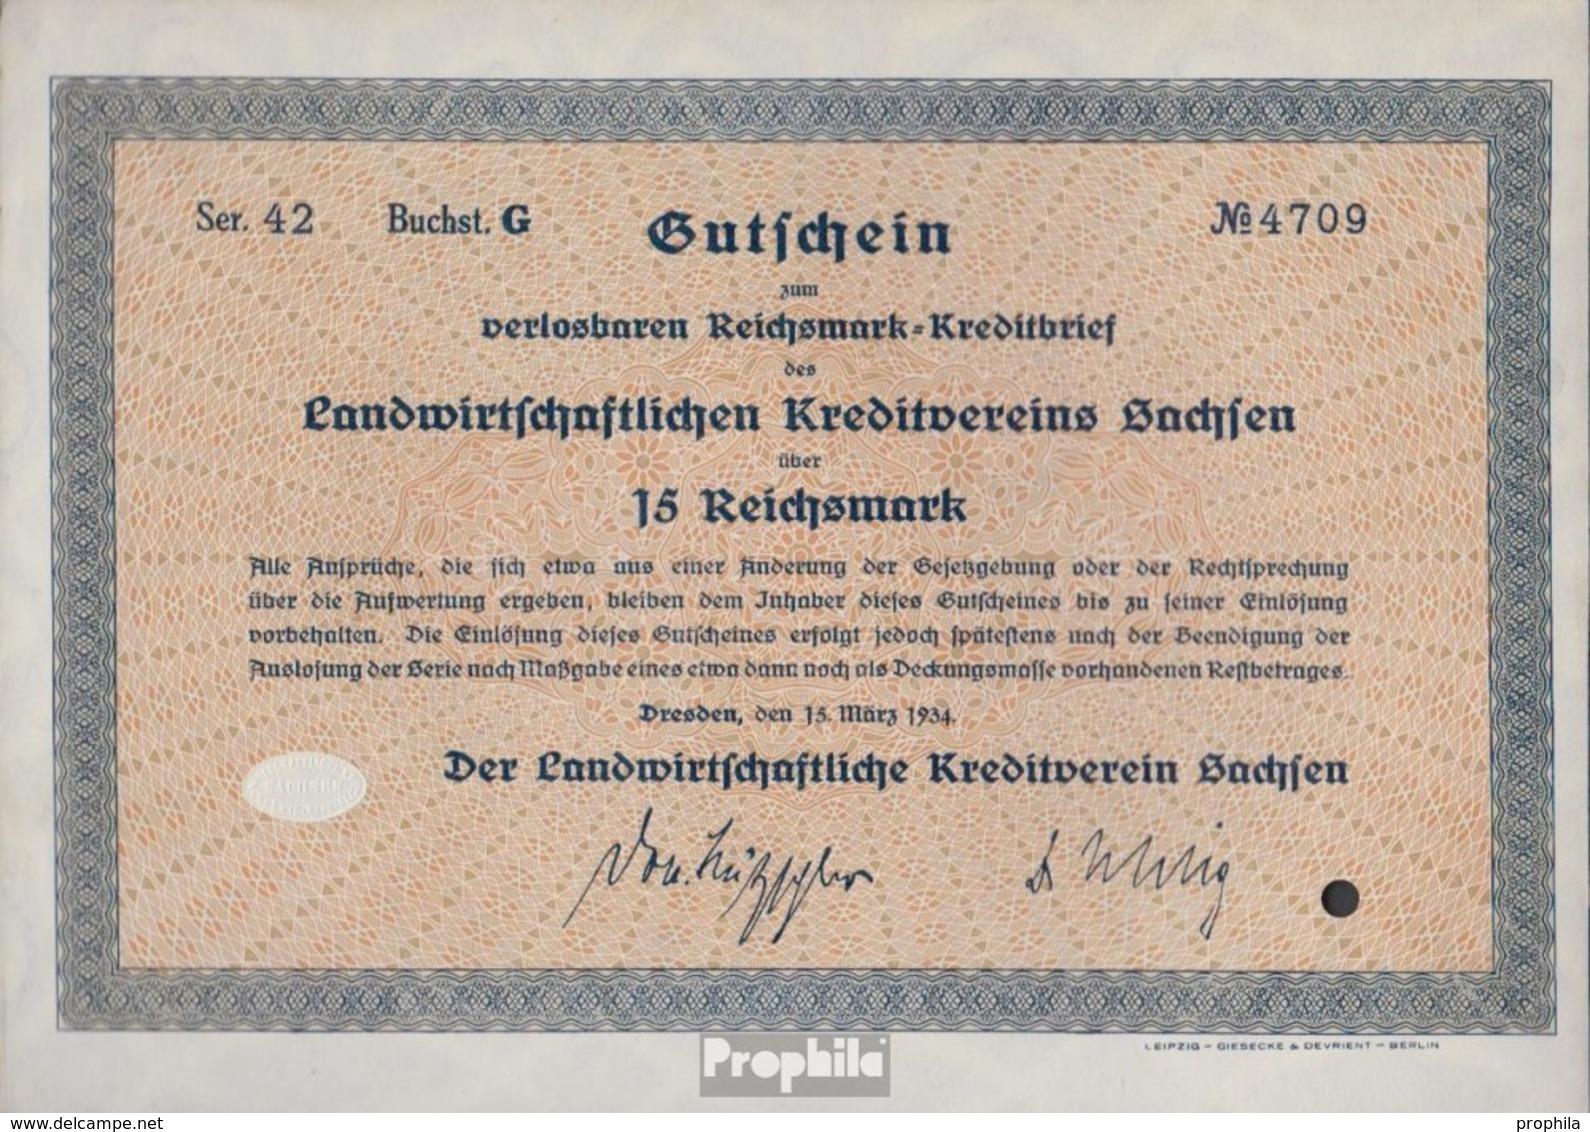 Deutsches Reich 15 Reichsmark, Gutschein Sehr Schön 1934 Landwirts. Kreditverein Sachsen - [ 4] 1933-1945 : Third Reich